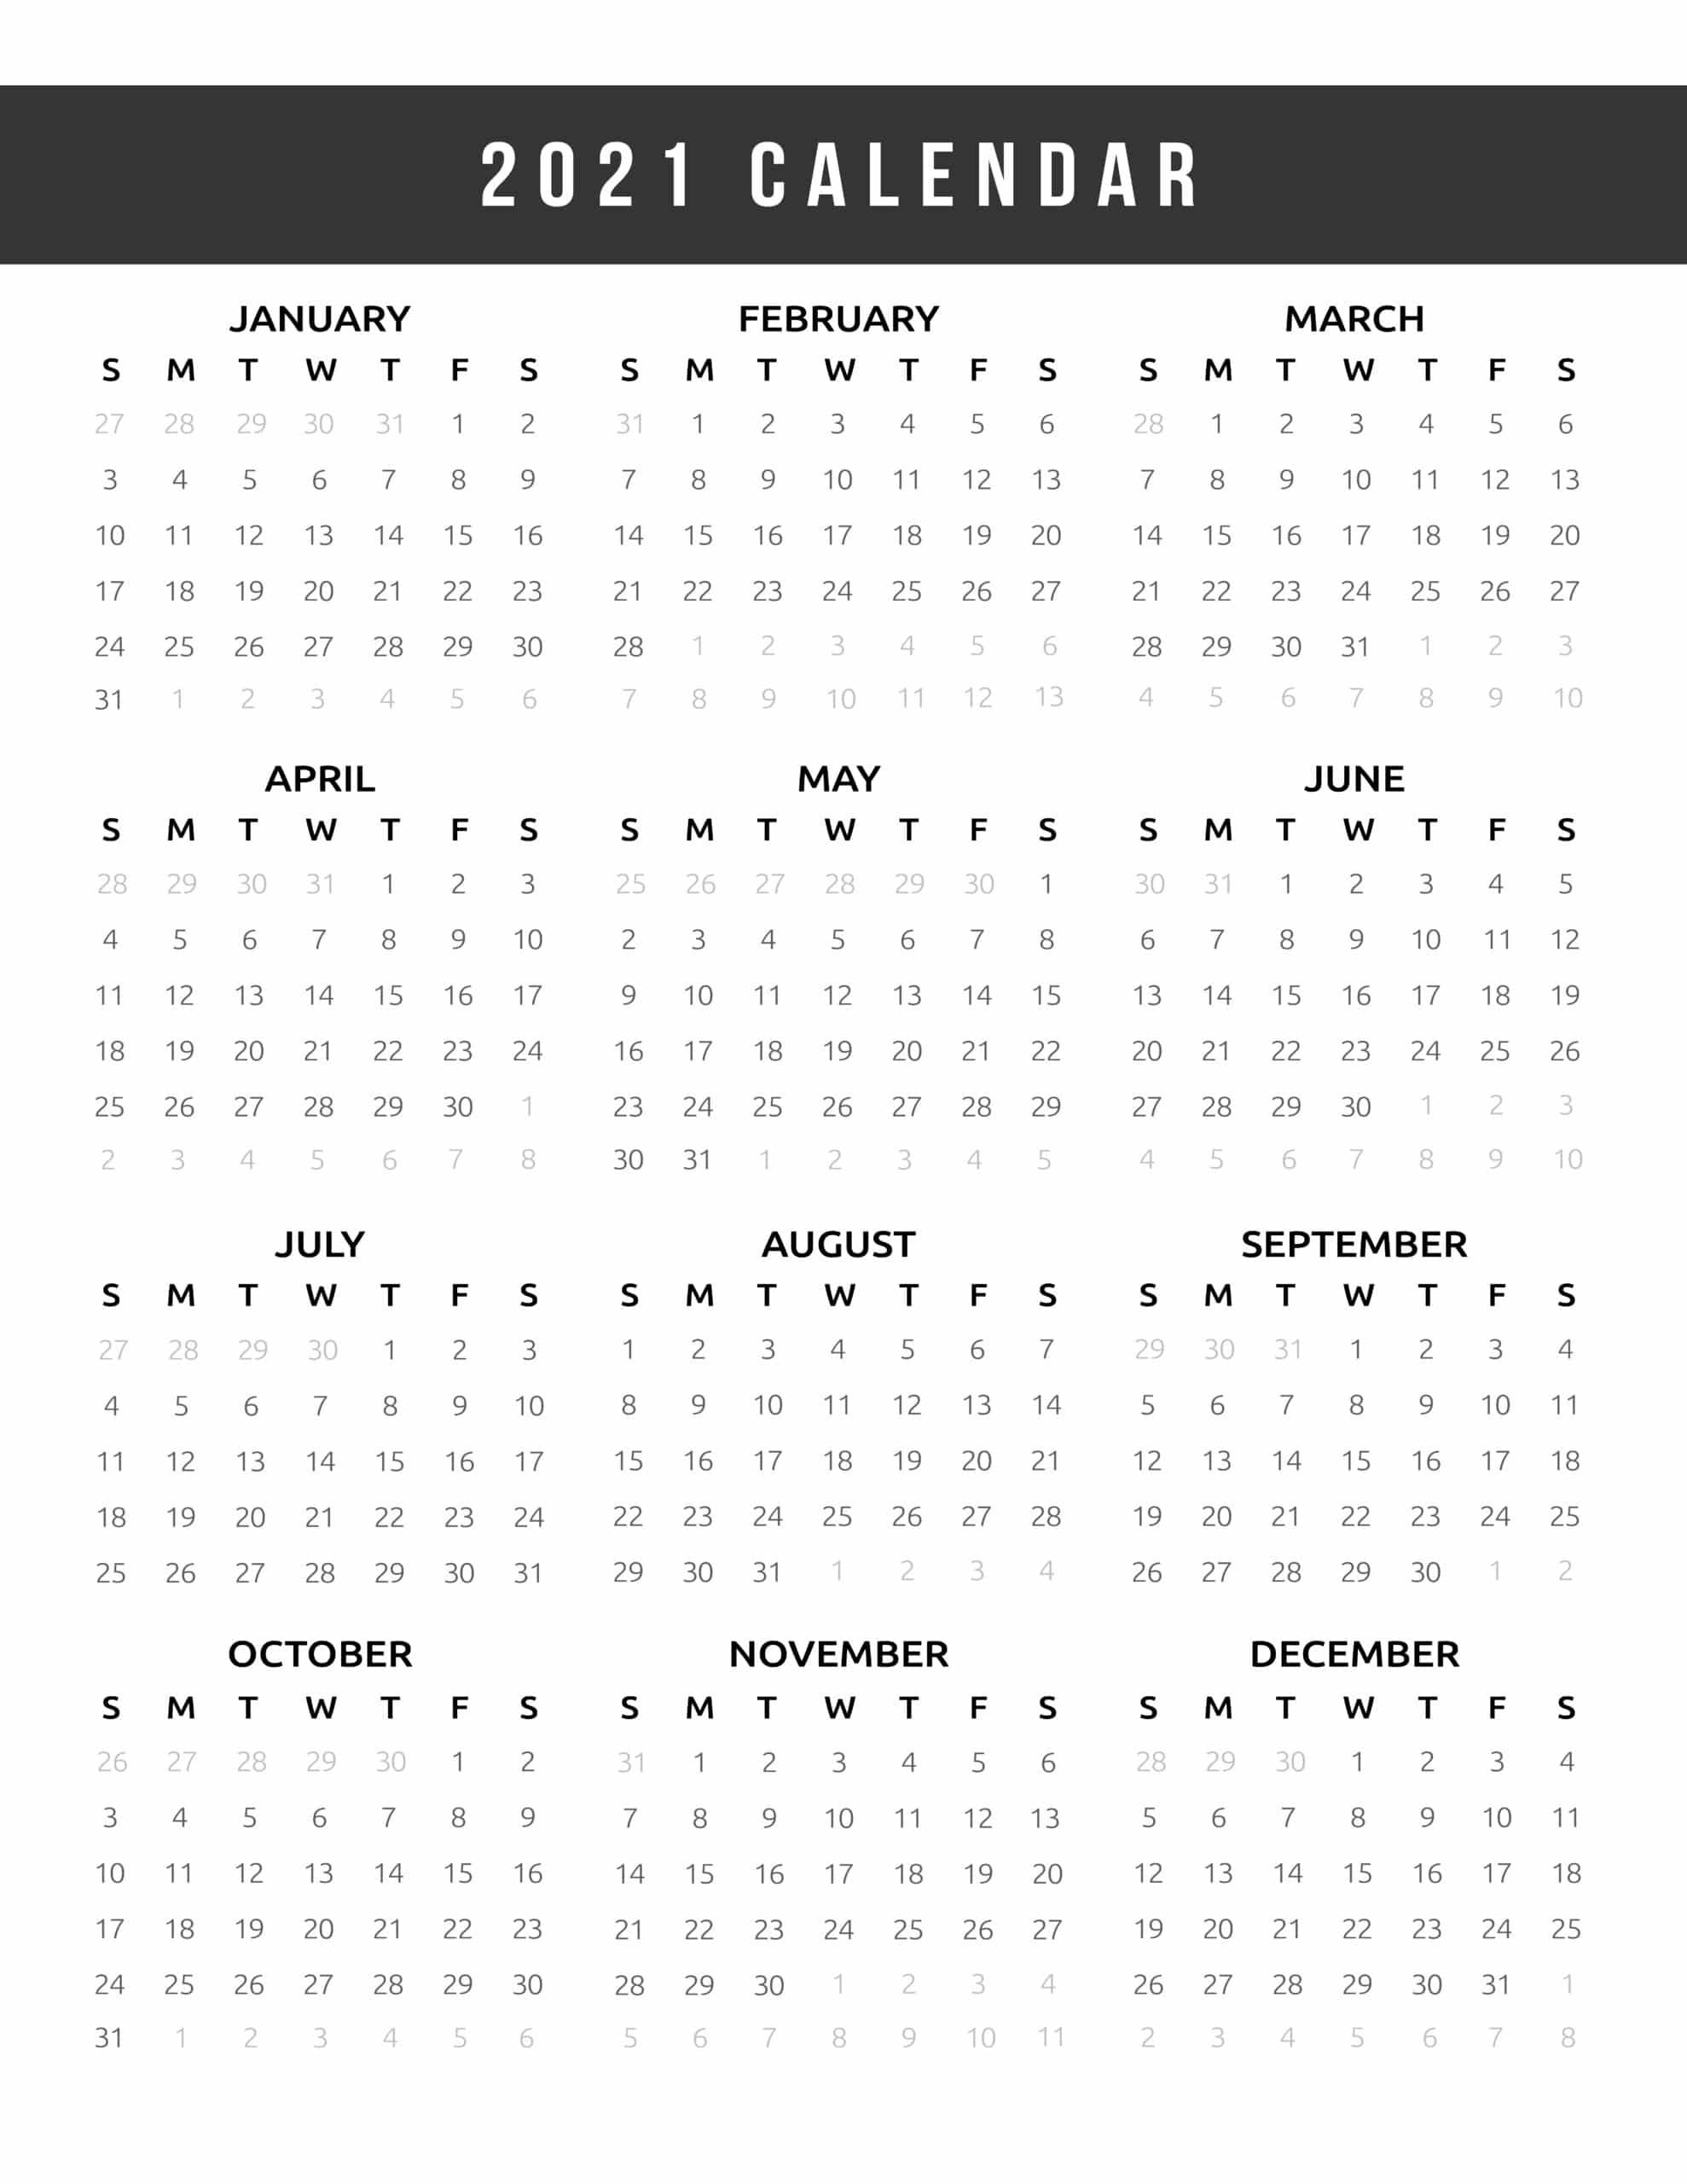 Calendar 2021 Printable One Page - World Of Printables